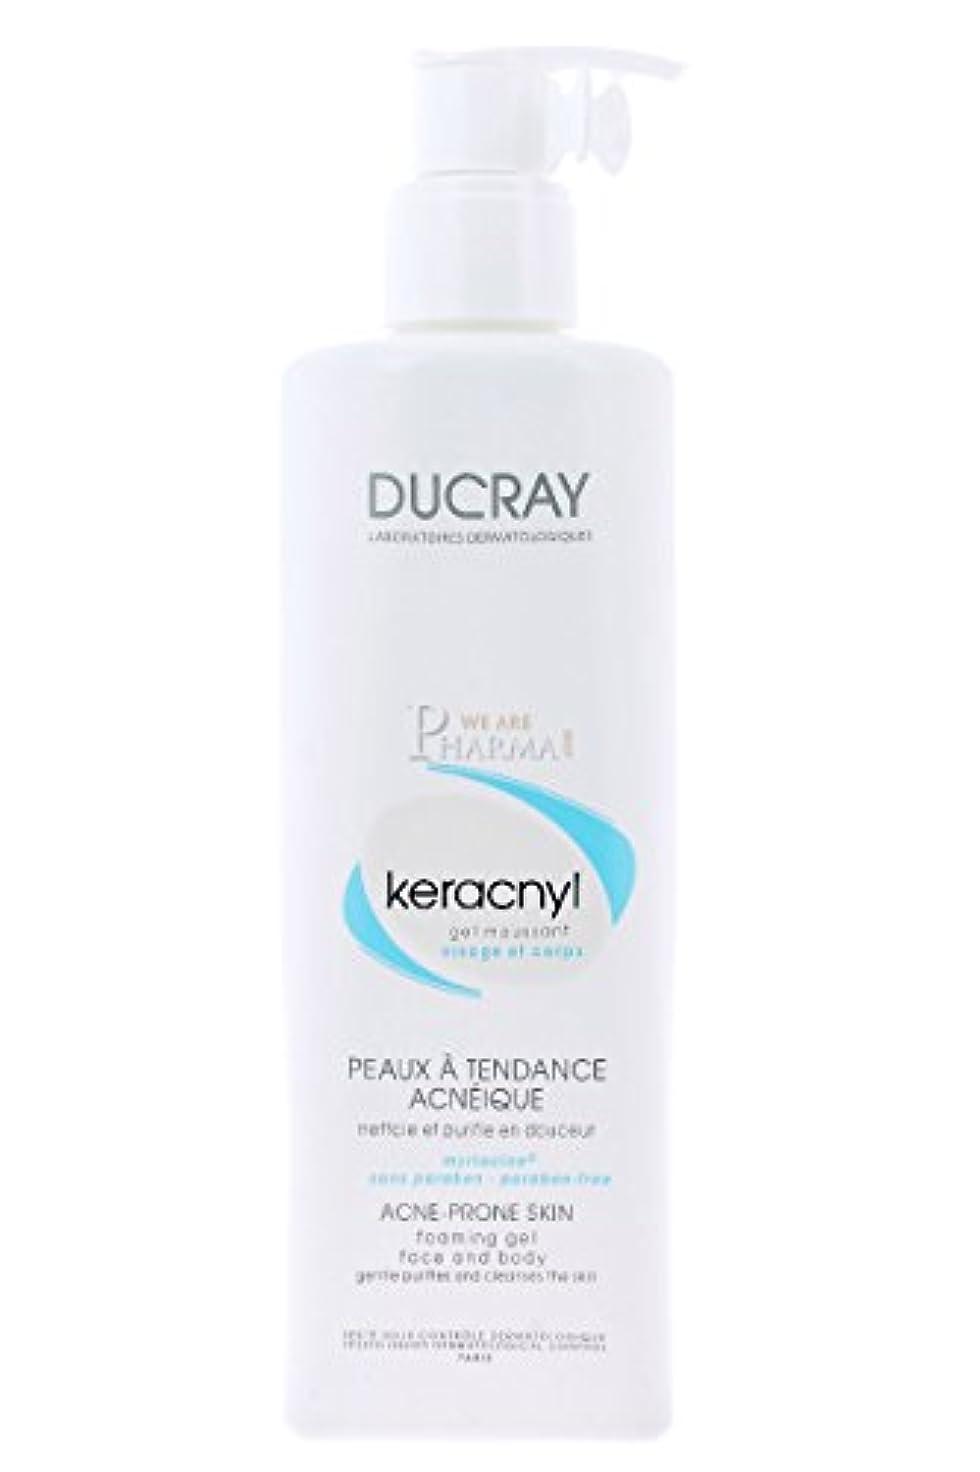 フィルタ厚い噂Ducray Keracnylフォーミングジェル400ml